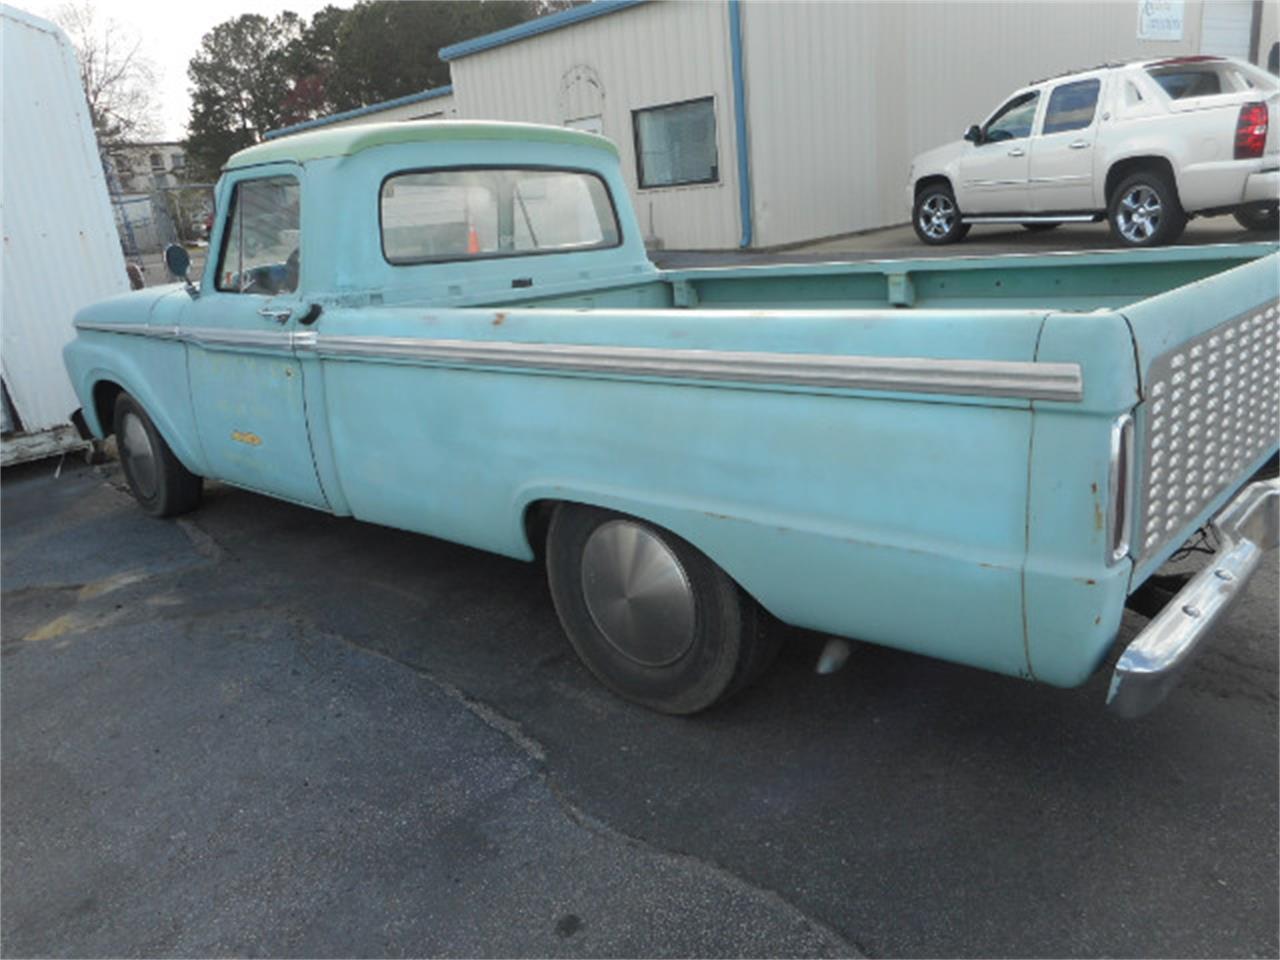 Large Picture of 1965 1/2 Ton Pickup - $8,995.00 - KKK7